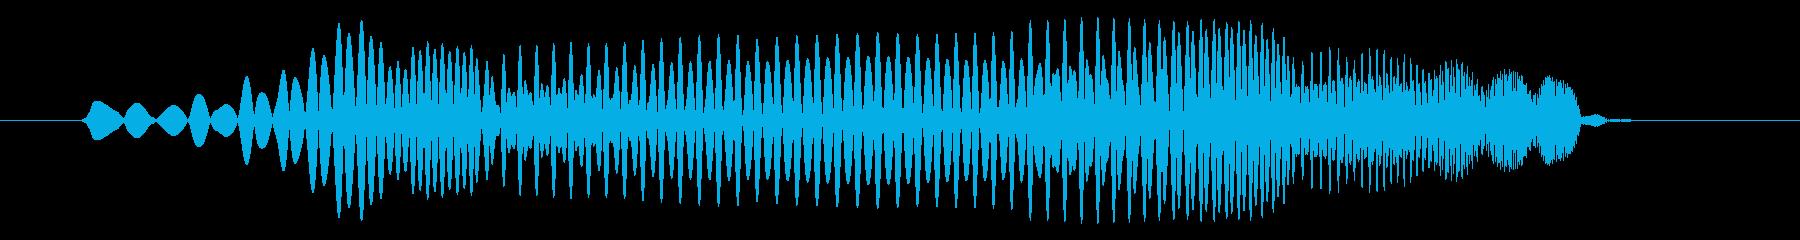 プヨ(ジャンプ・跳ねる・攻撃・スライム)の再生済みの波形